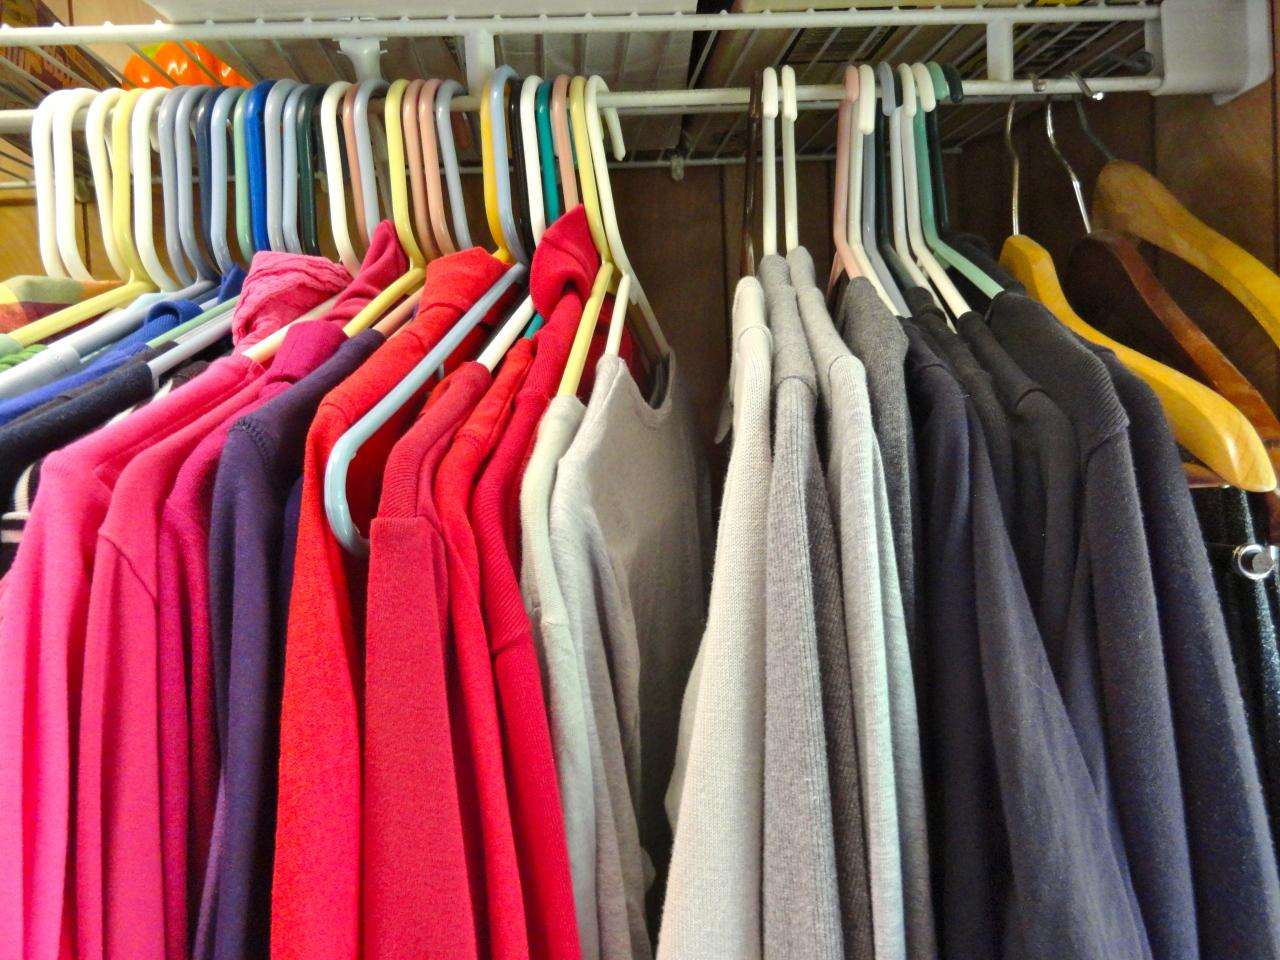 Какую одежду нужно хранить на вешалках?